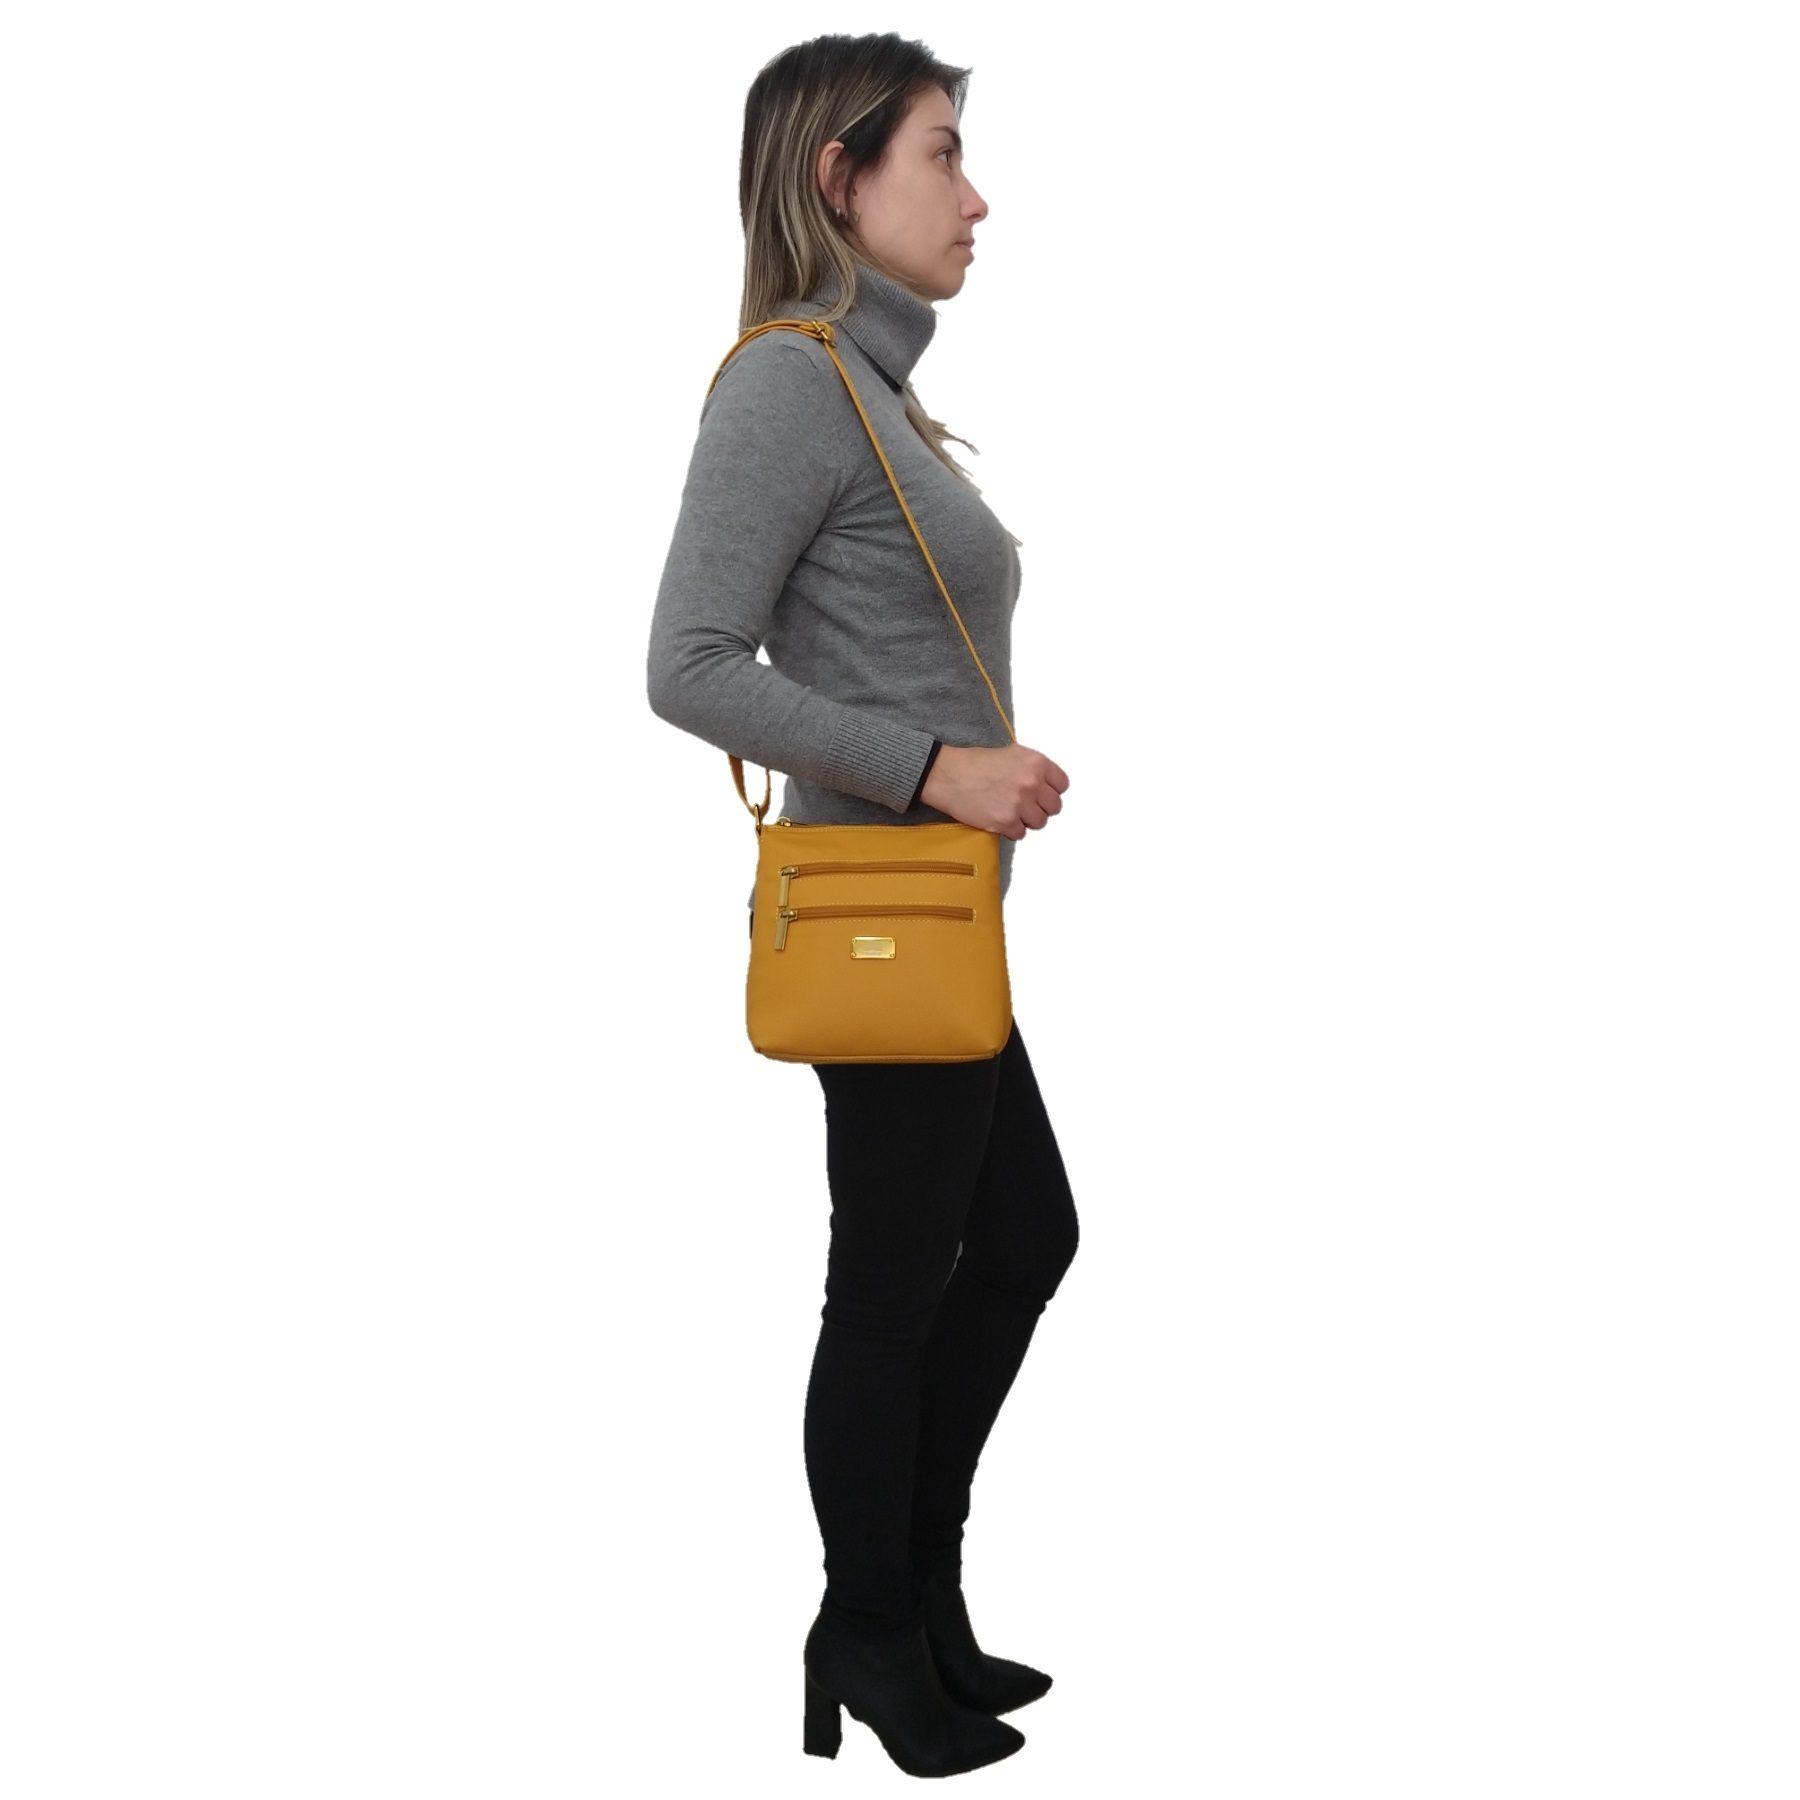 Bolsa Transversal TopGrife Couro Amarelo  - SAPATOWEB.COM